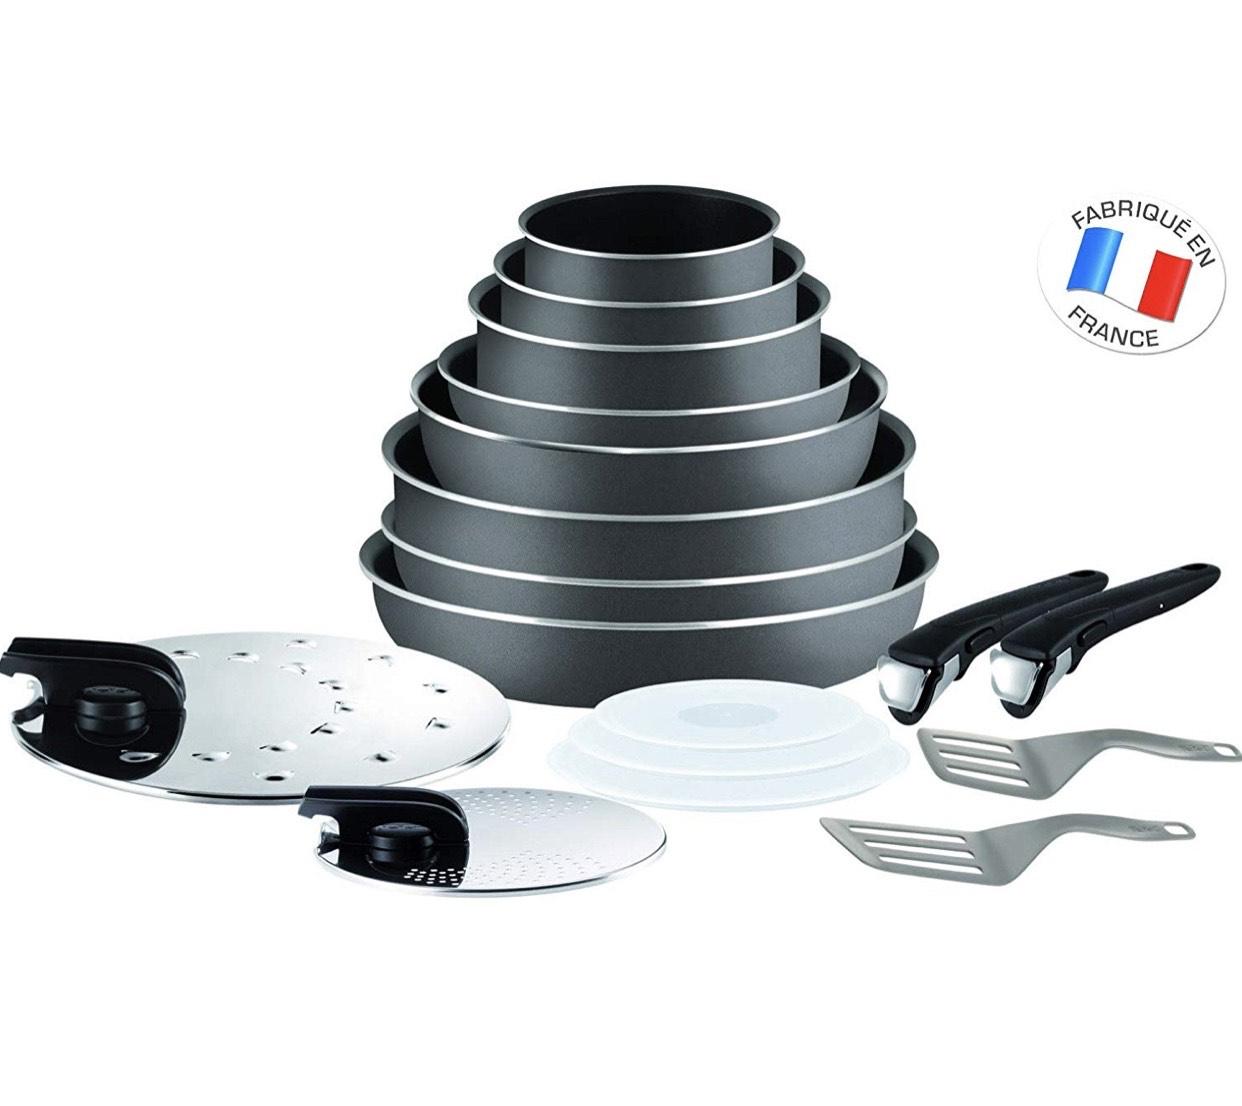 Lot de 17 Pièces Tefal L2049002 Ingenio 5 Essentials - Tous feux sauf induction